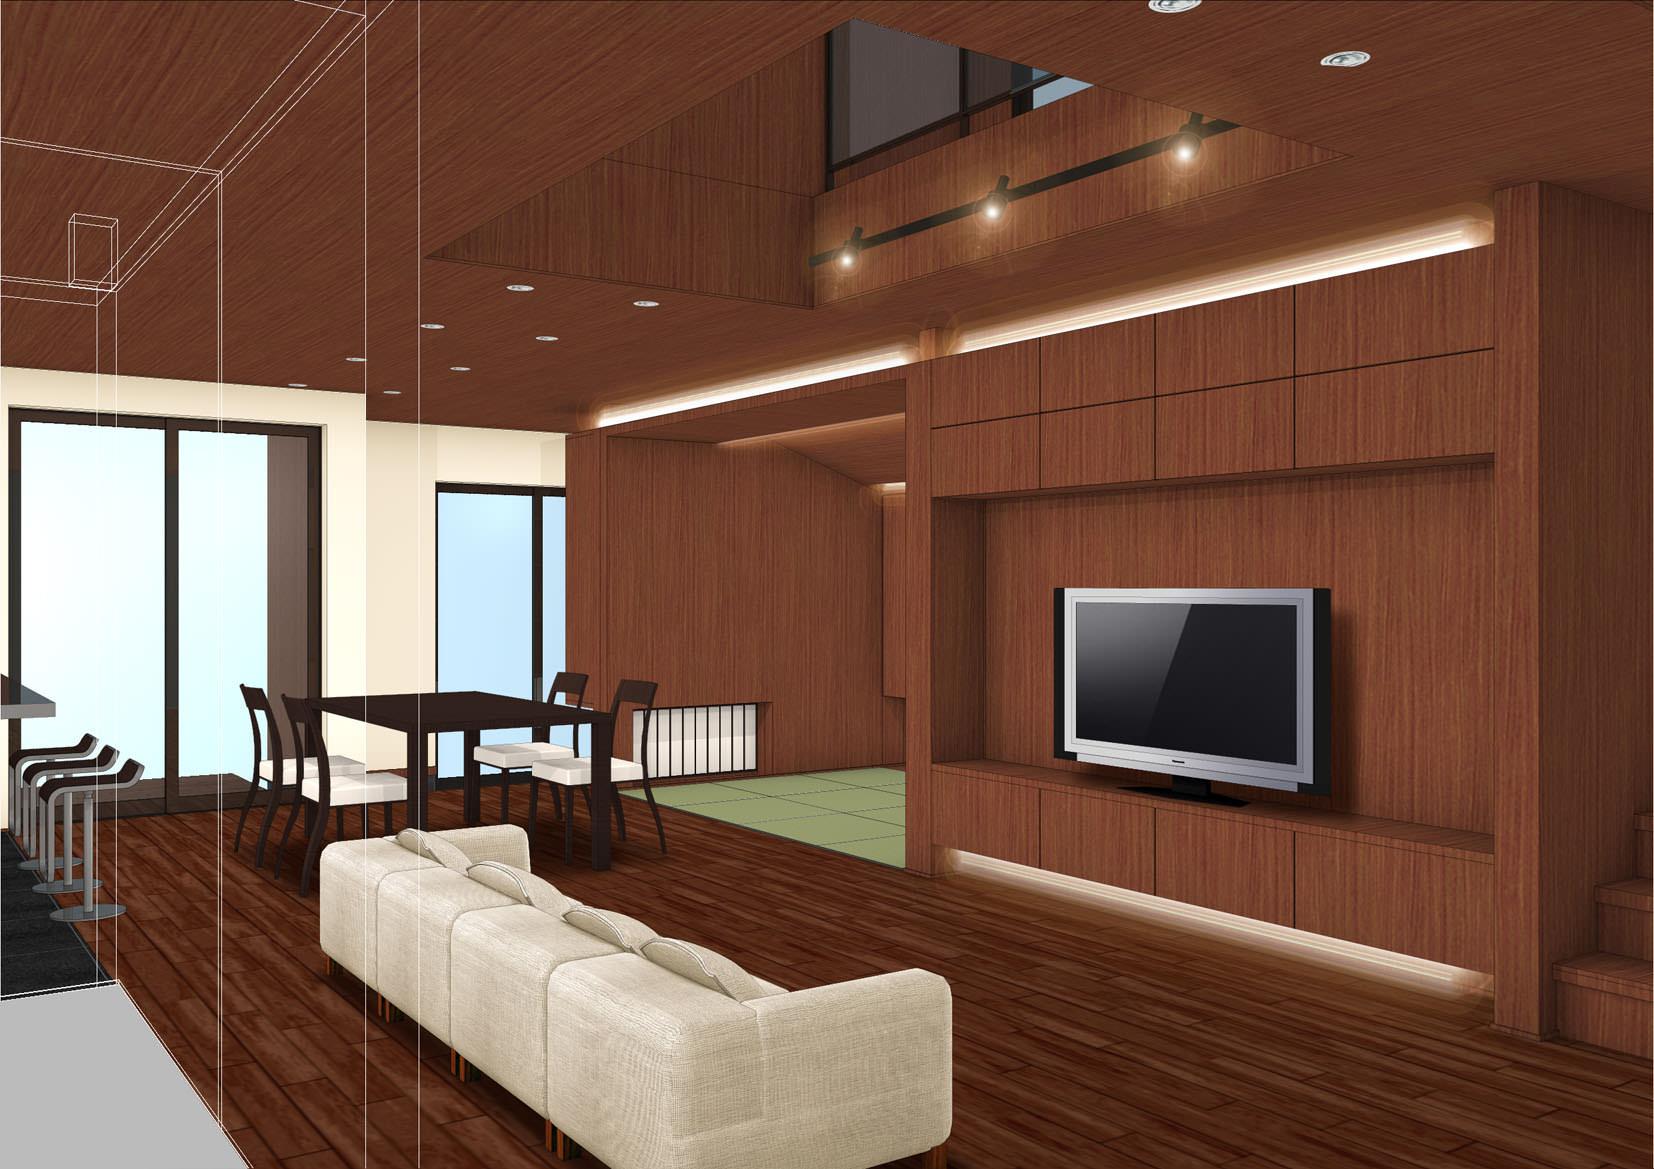 愛知県北名古屋市「月桂の家」木造 雑誌の取材